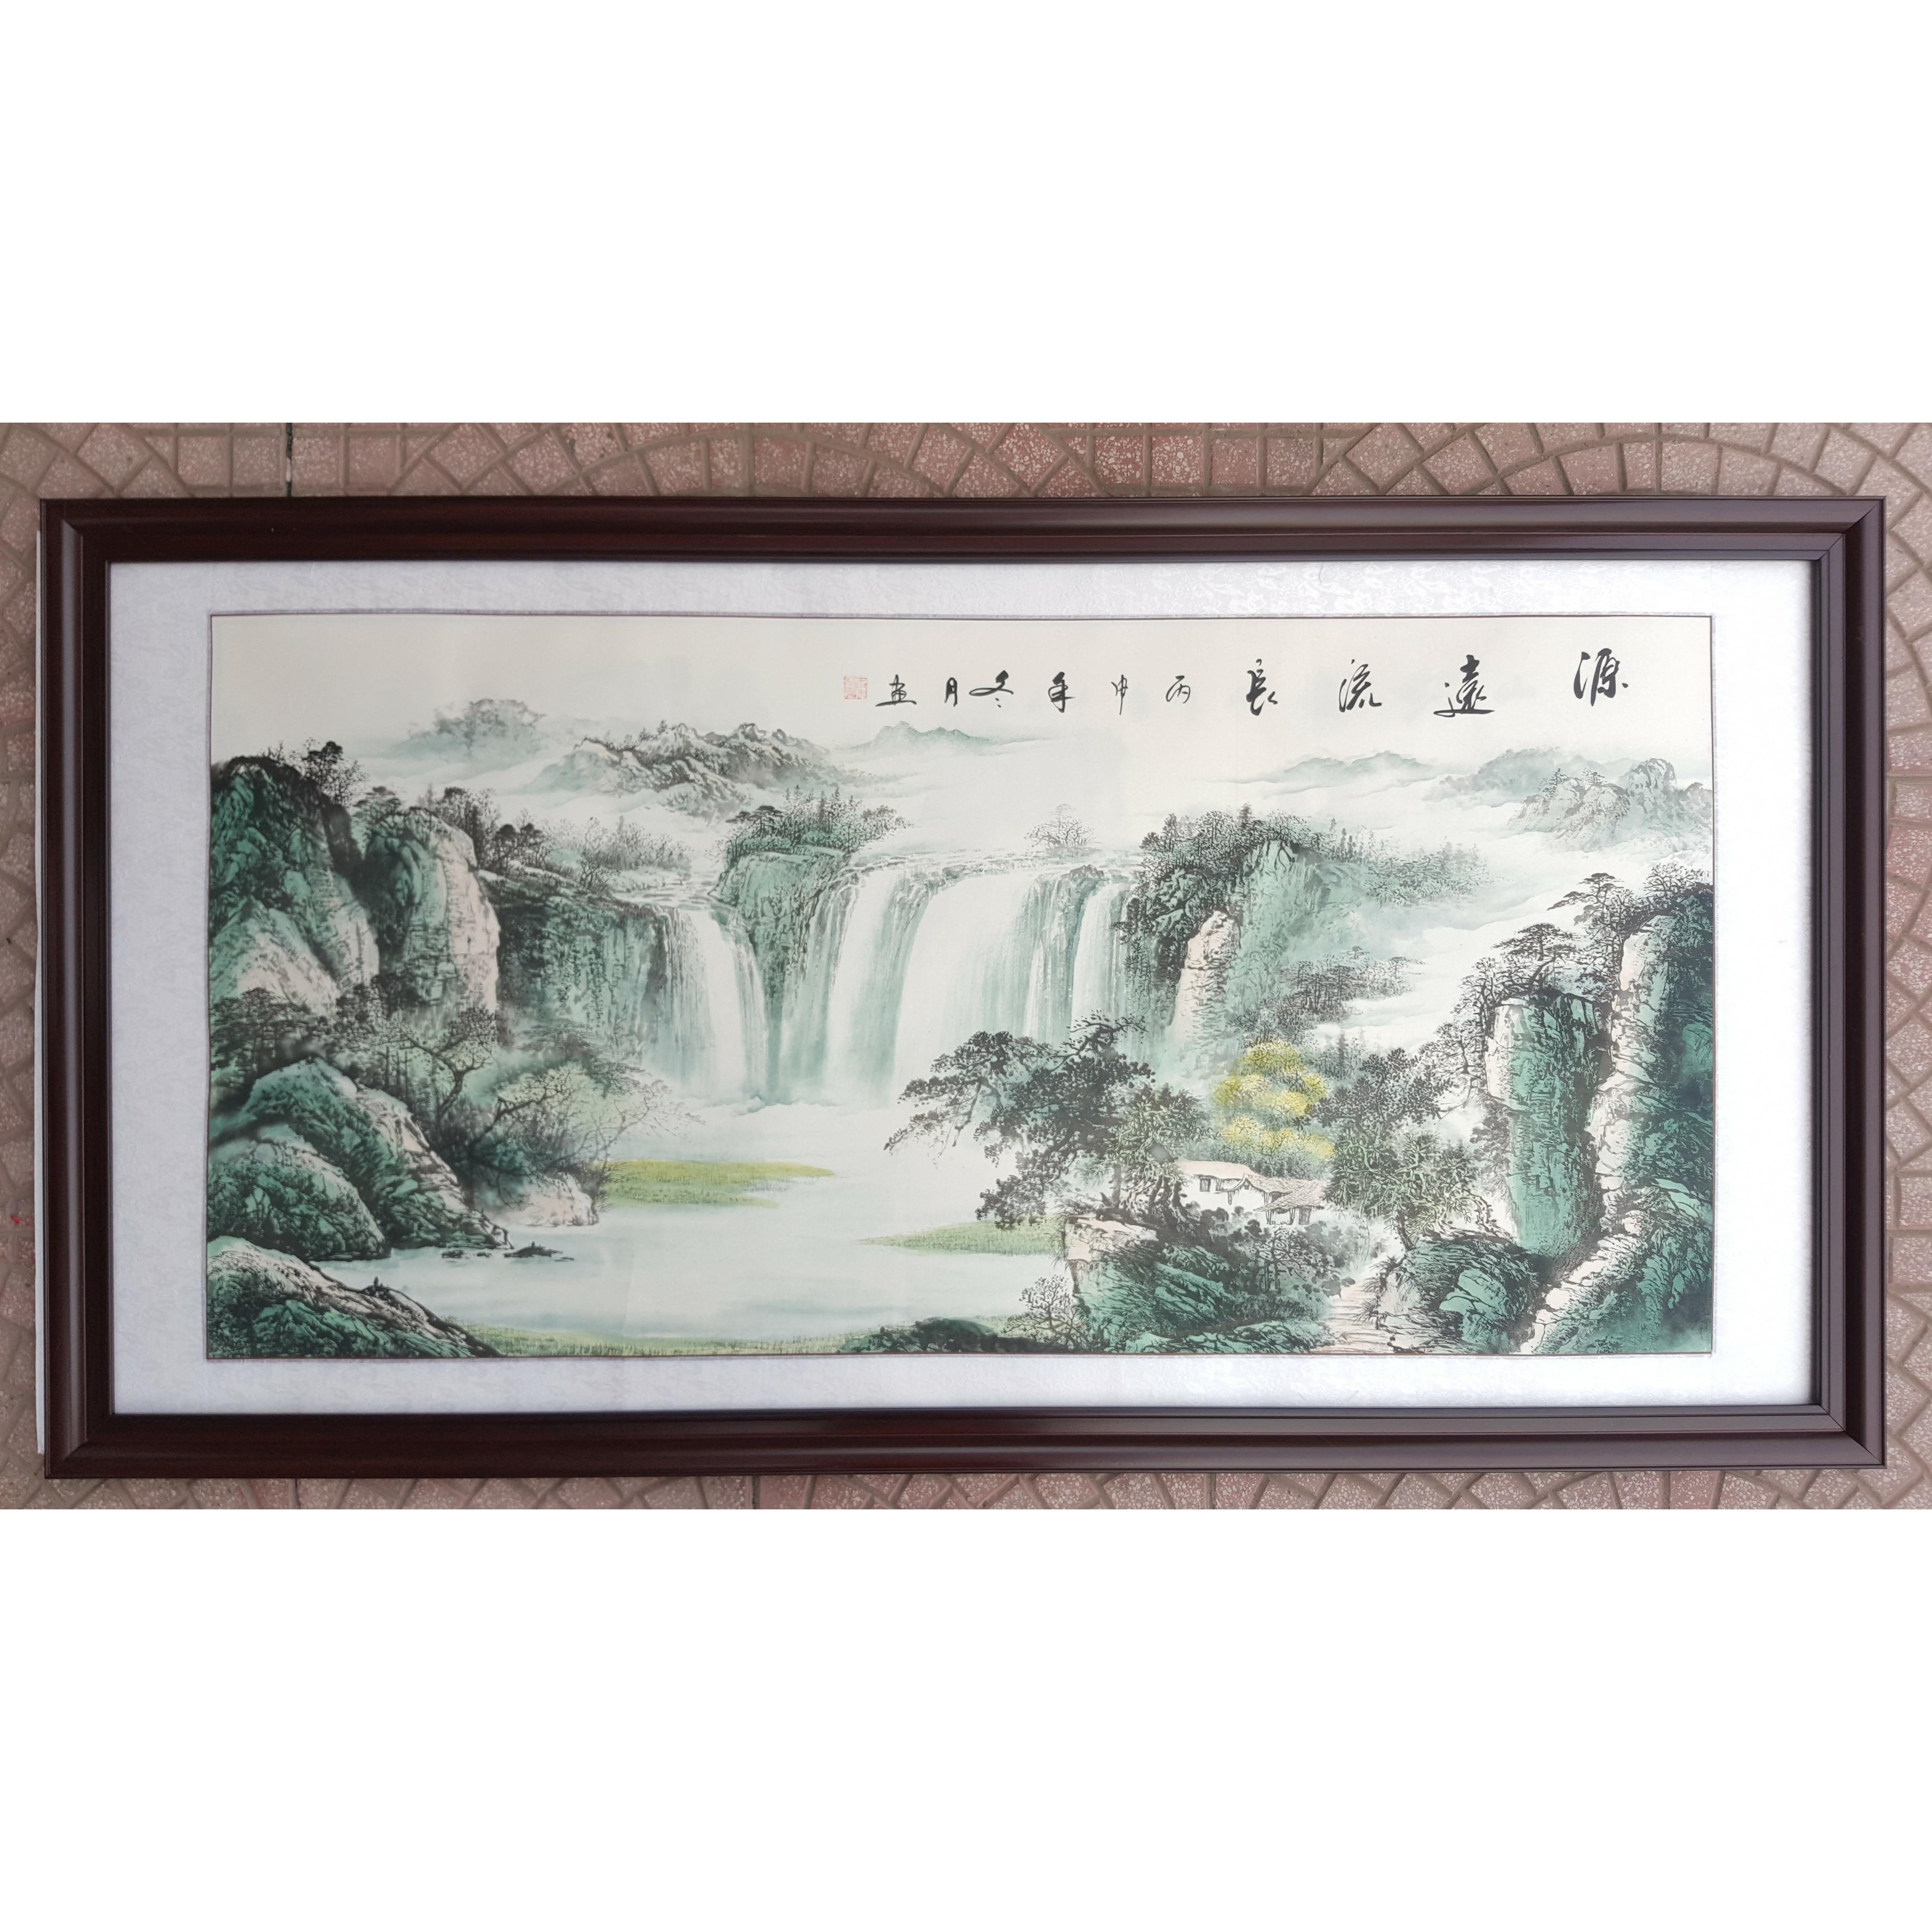 Tranh thủy mặc , sơn thủy hữu tình (tranh treo phòng khách)-TM71-10